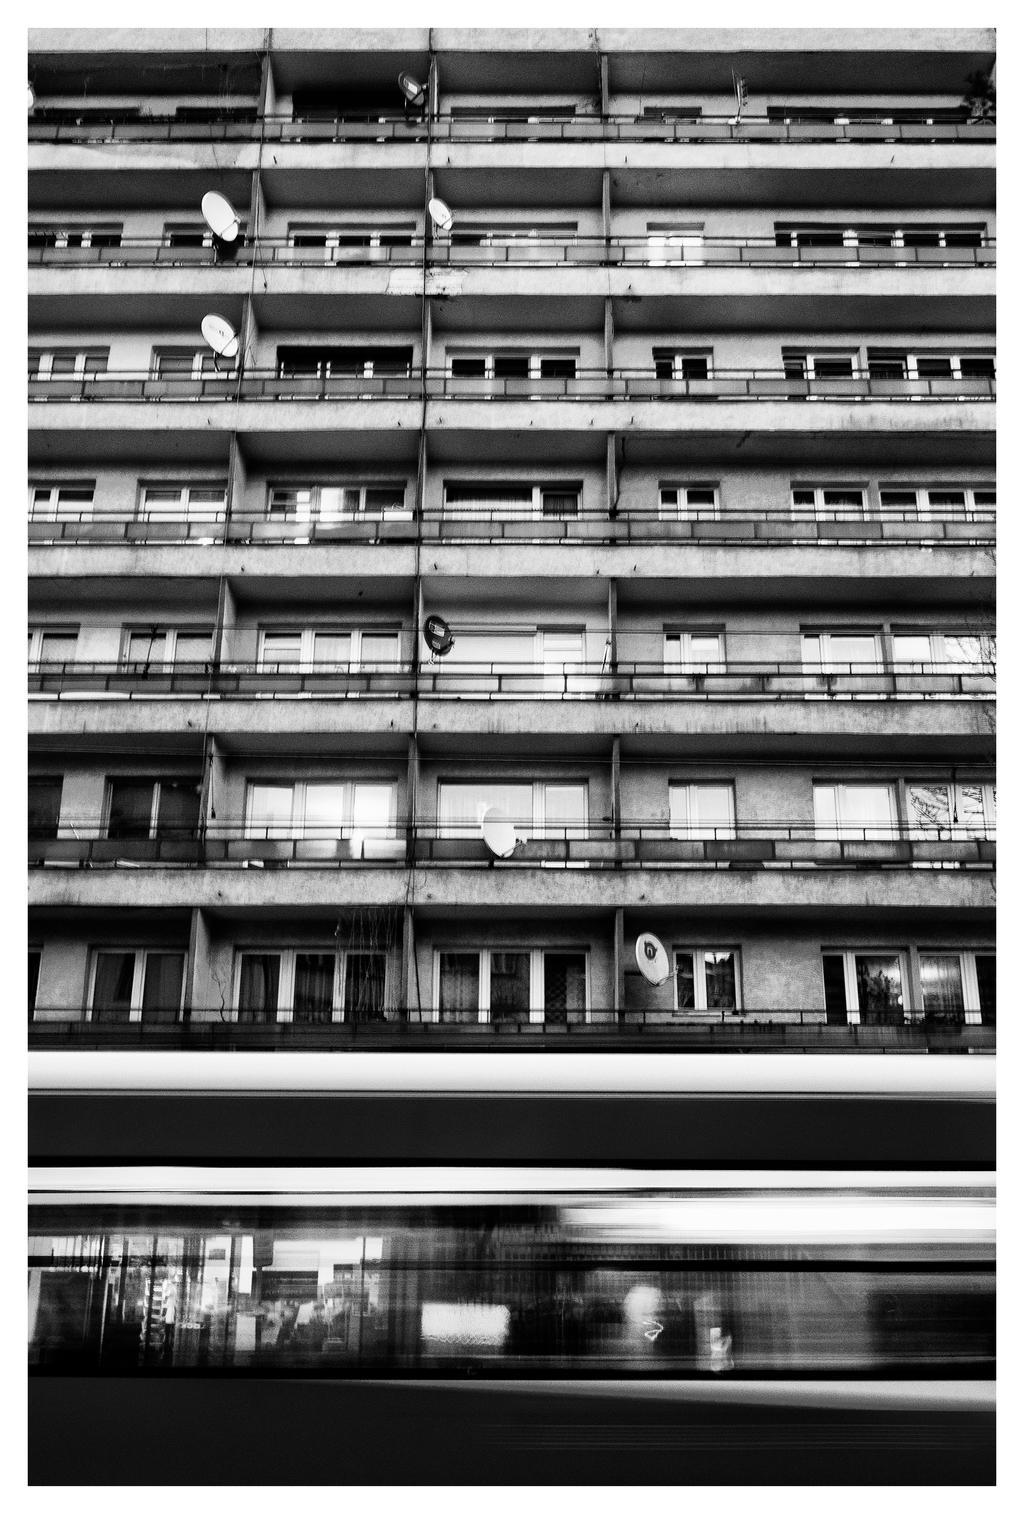 Tram by xbastex